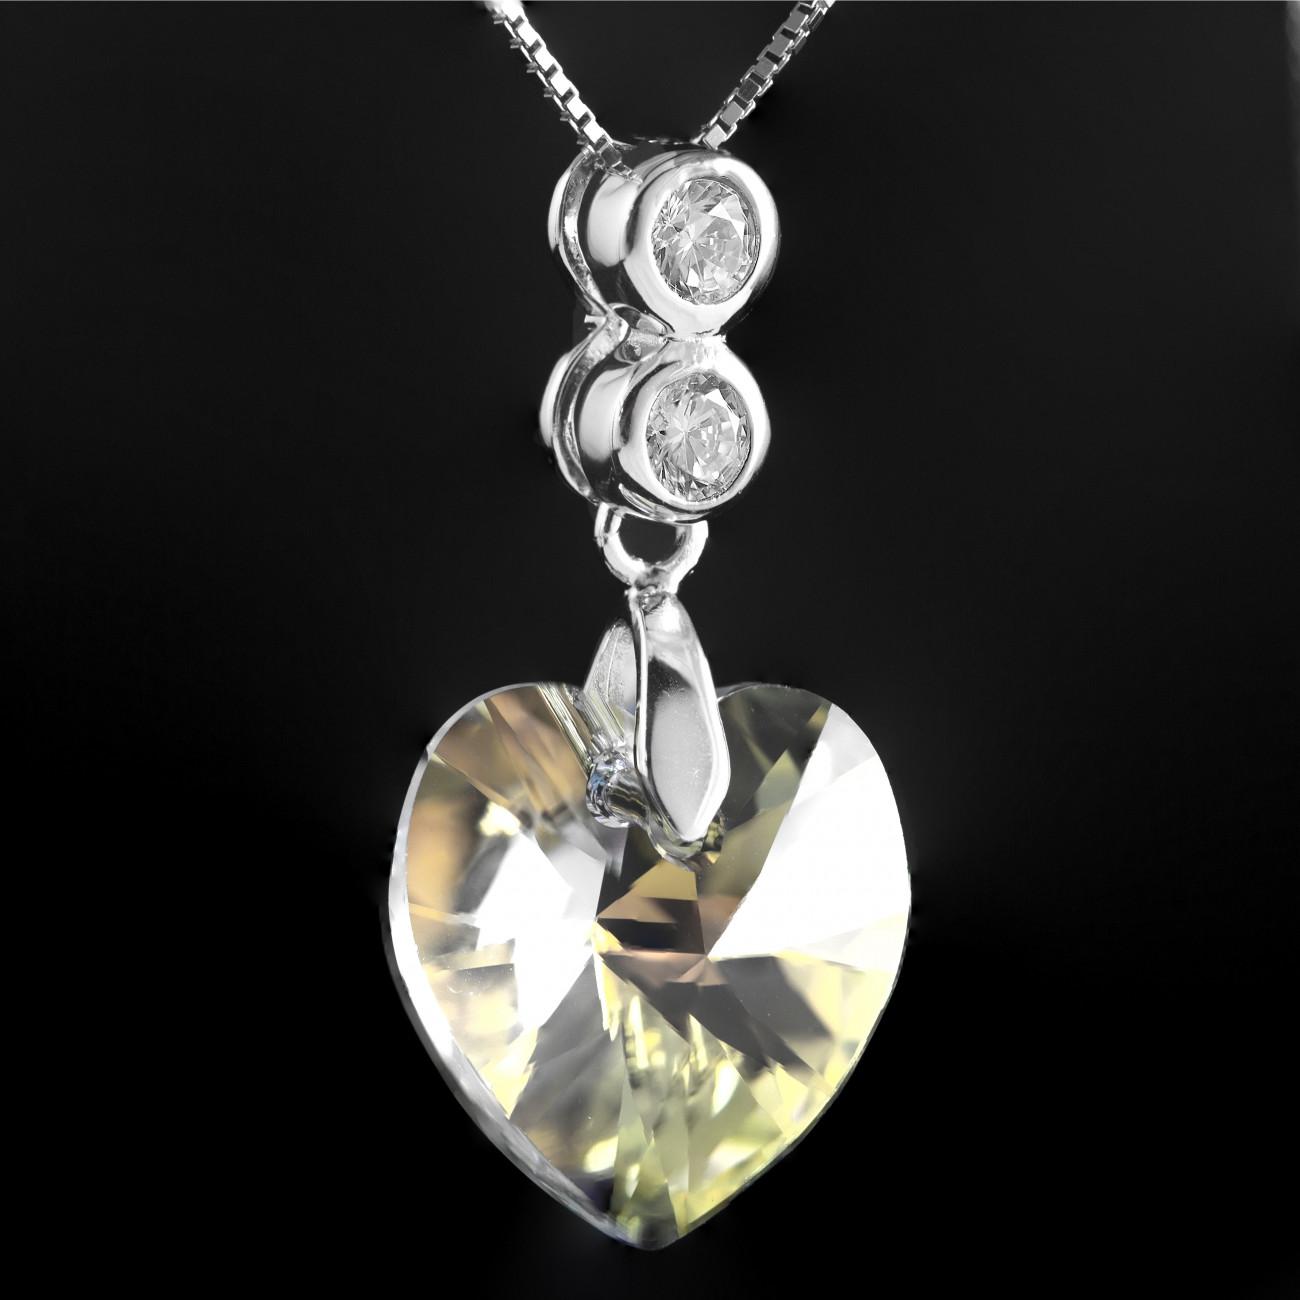 8a2fa9e95 Stříbrný náhrdelník s pravým krystalem Swarovski srdce AB heart and crystal